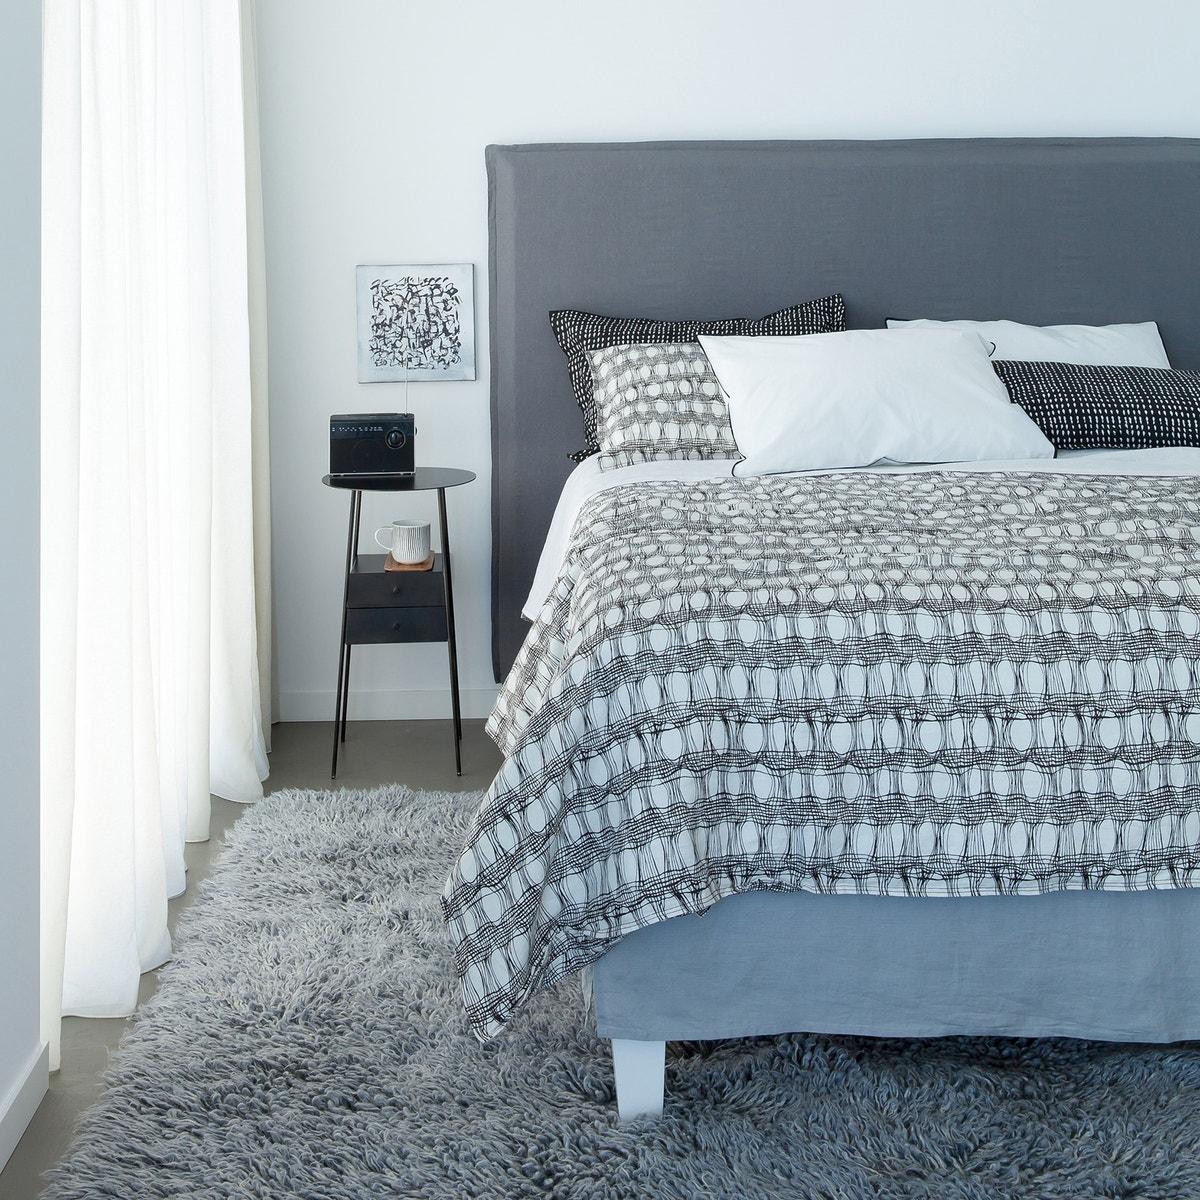 La Redoute Sandor Pre Washed Linen Headboard 350053270 Cover